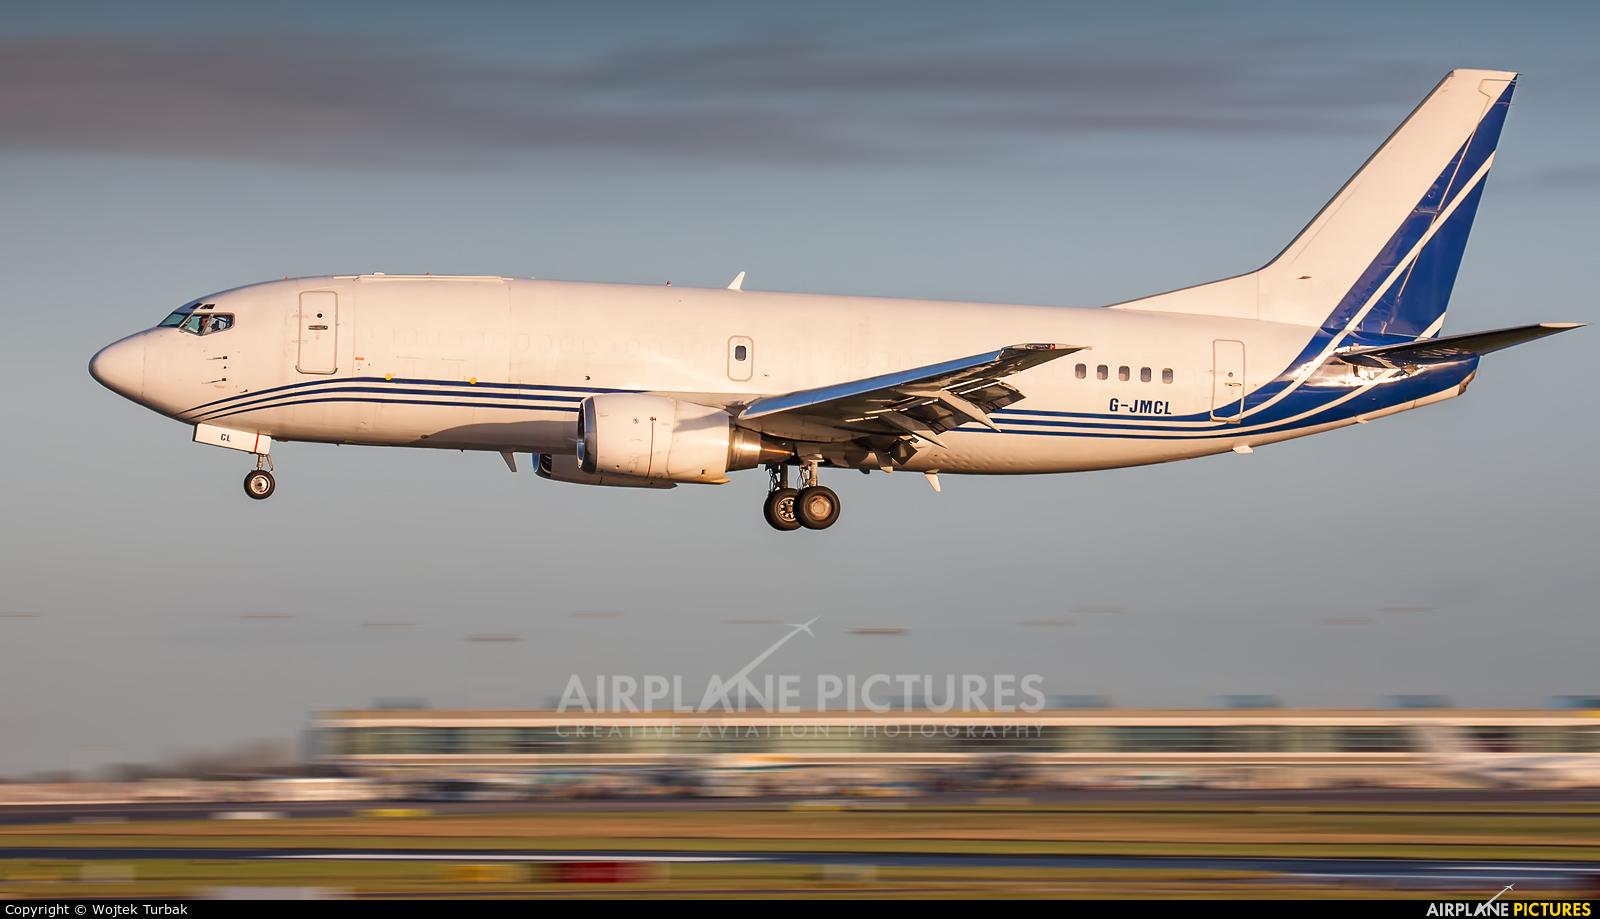 Atlantic Airlines G-JMCL aircraft at Dublin